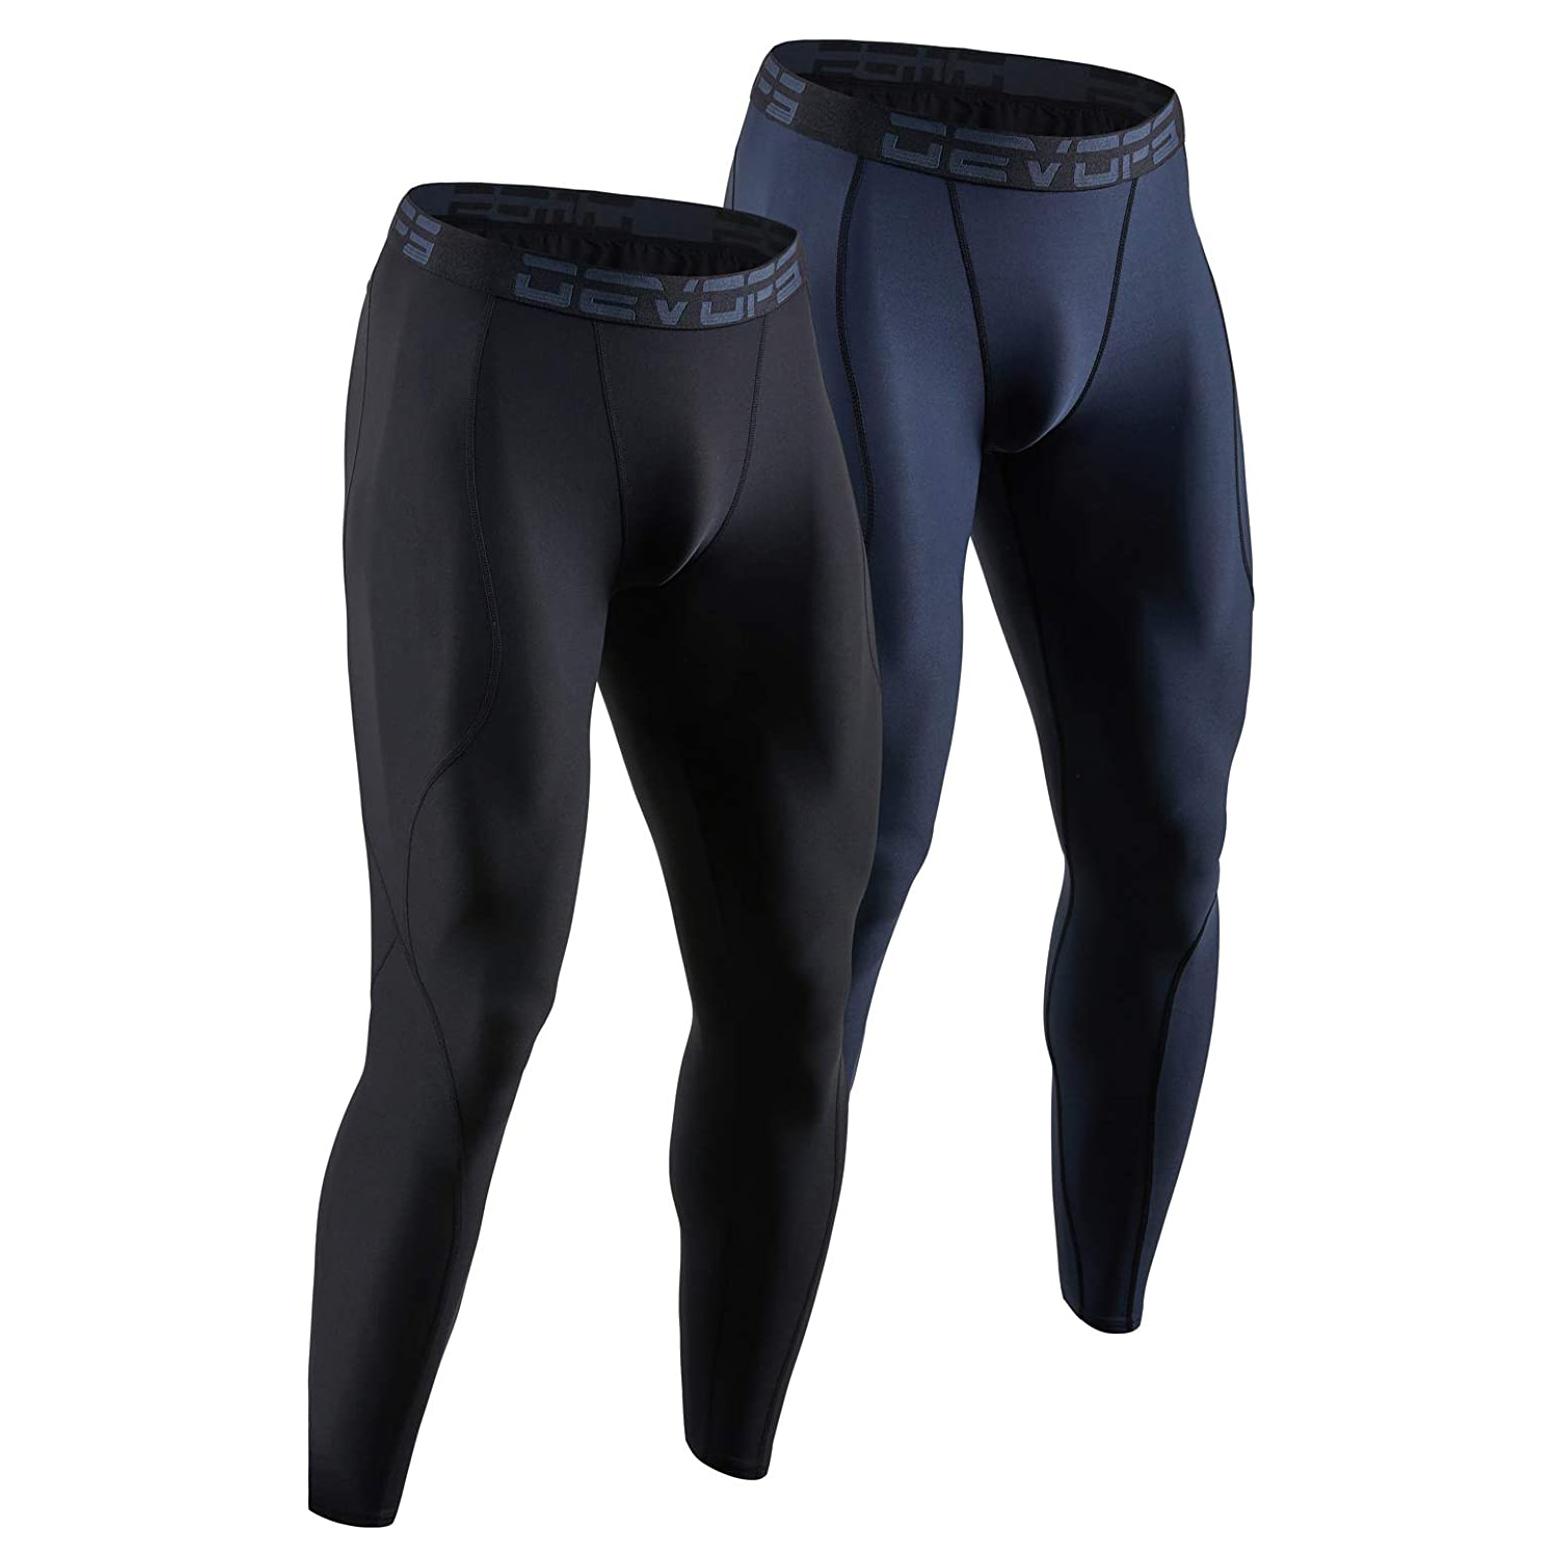 DEVOPS 2 Pack Compression Pants Athletic Leggings